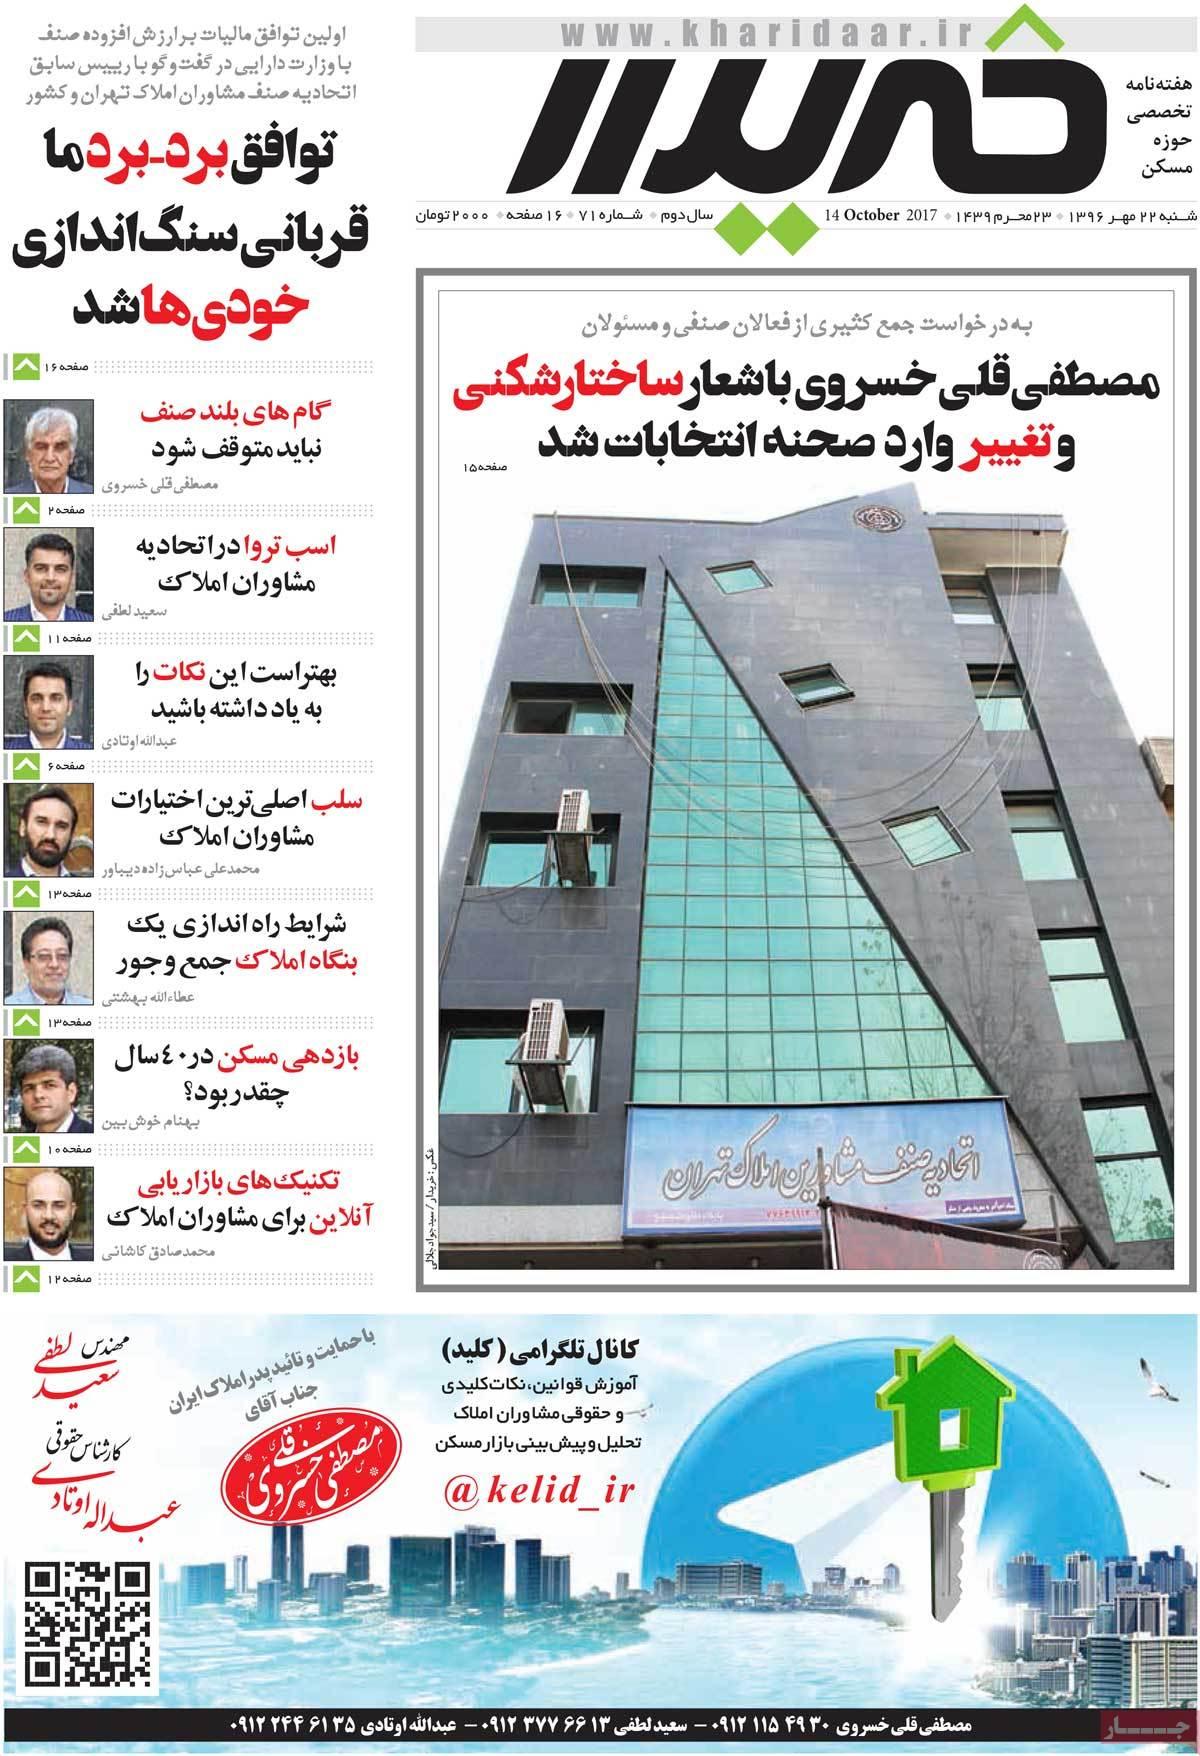 http://www.jaaar.com/assets/images/pishkhan/1396/8/7/a0872cc5.jpg